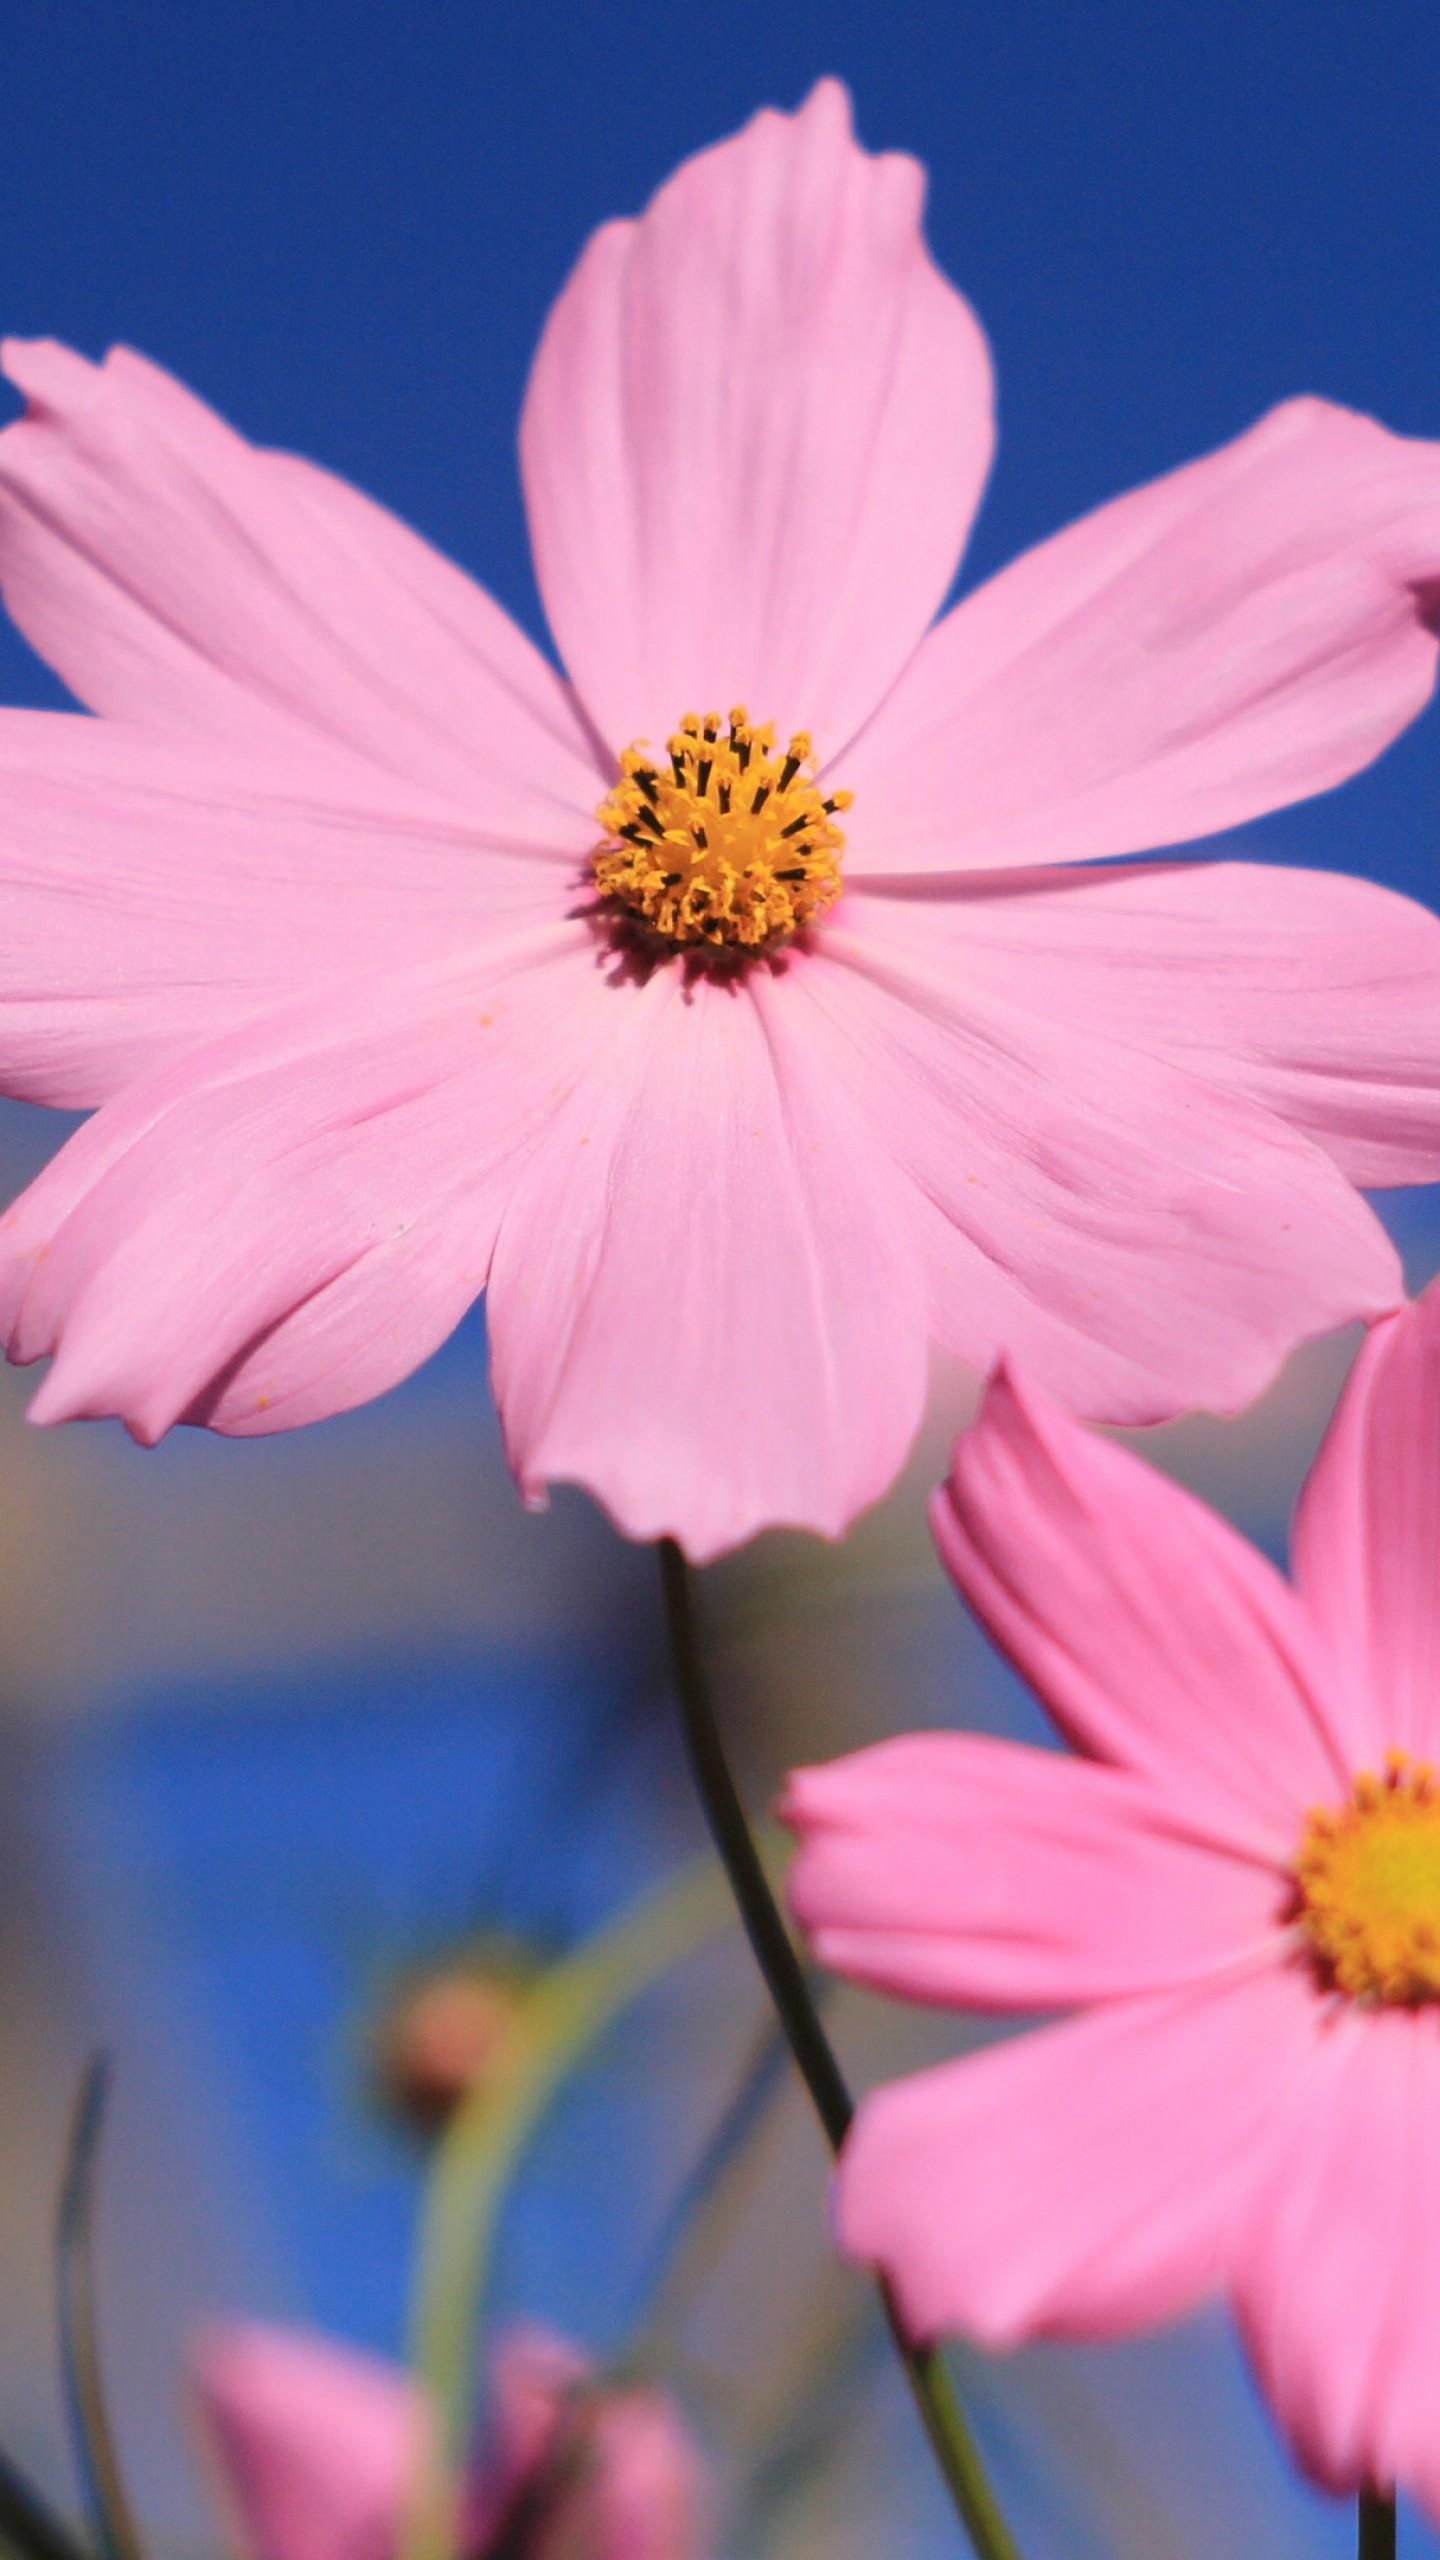 Wallpaper Pink 4k Hd Wallpaper Flower Summer Nature